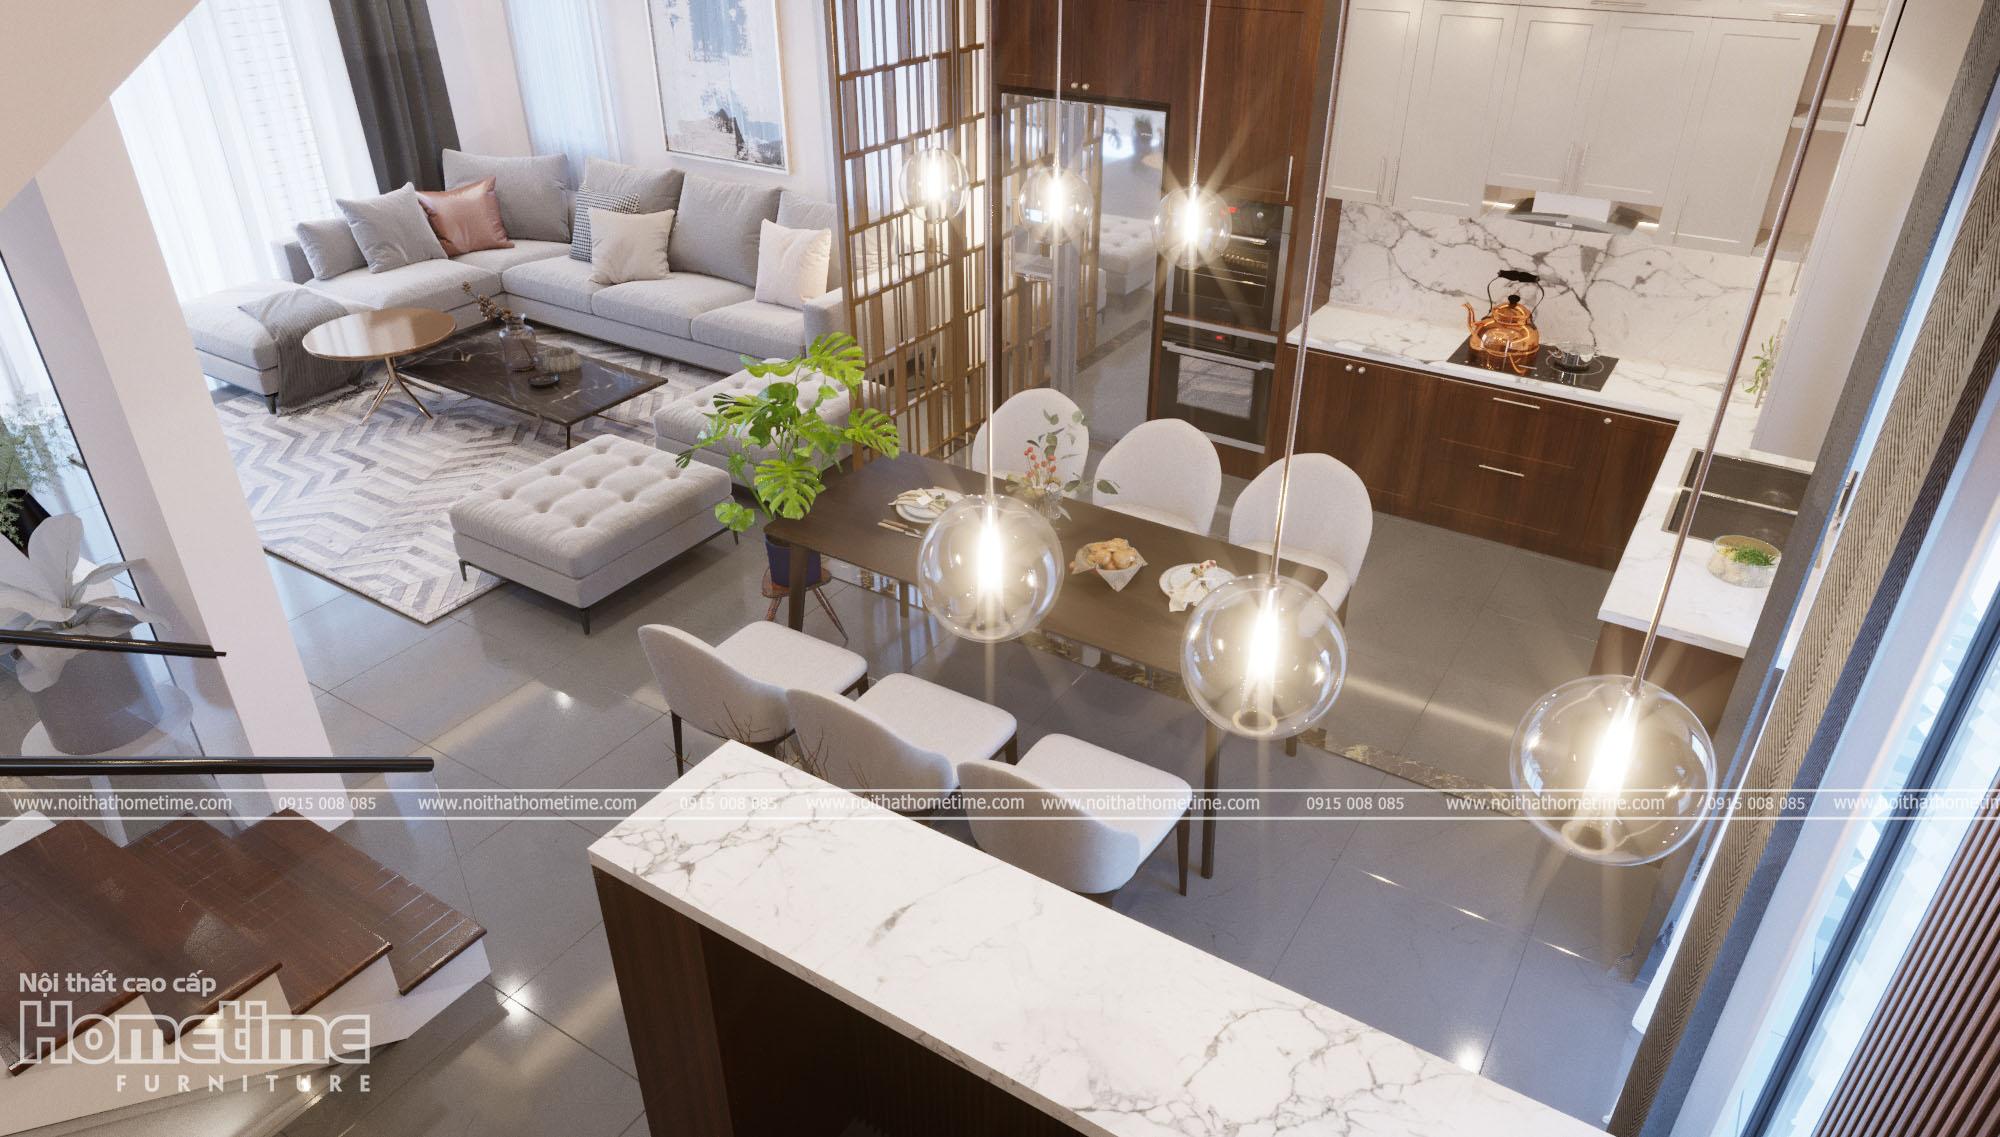 Bố trí nội thất phòng ăn kết hợp phòng khách, bếp hợp lý